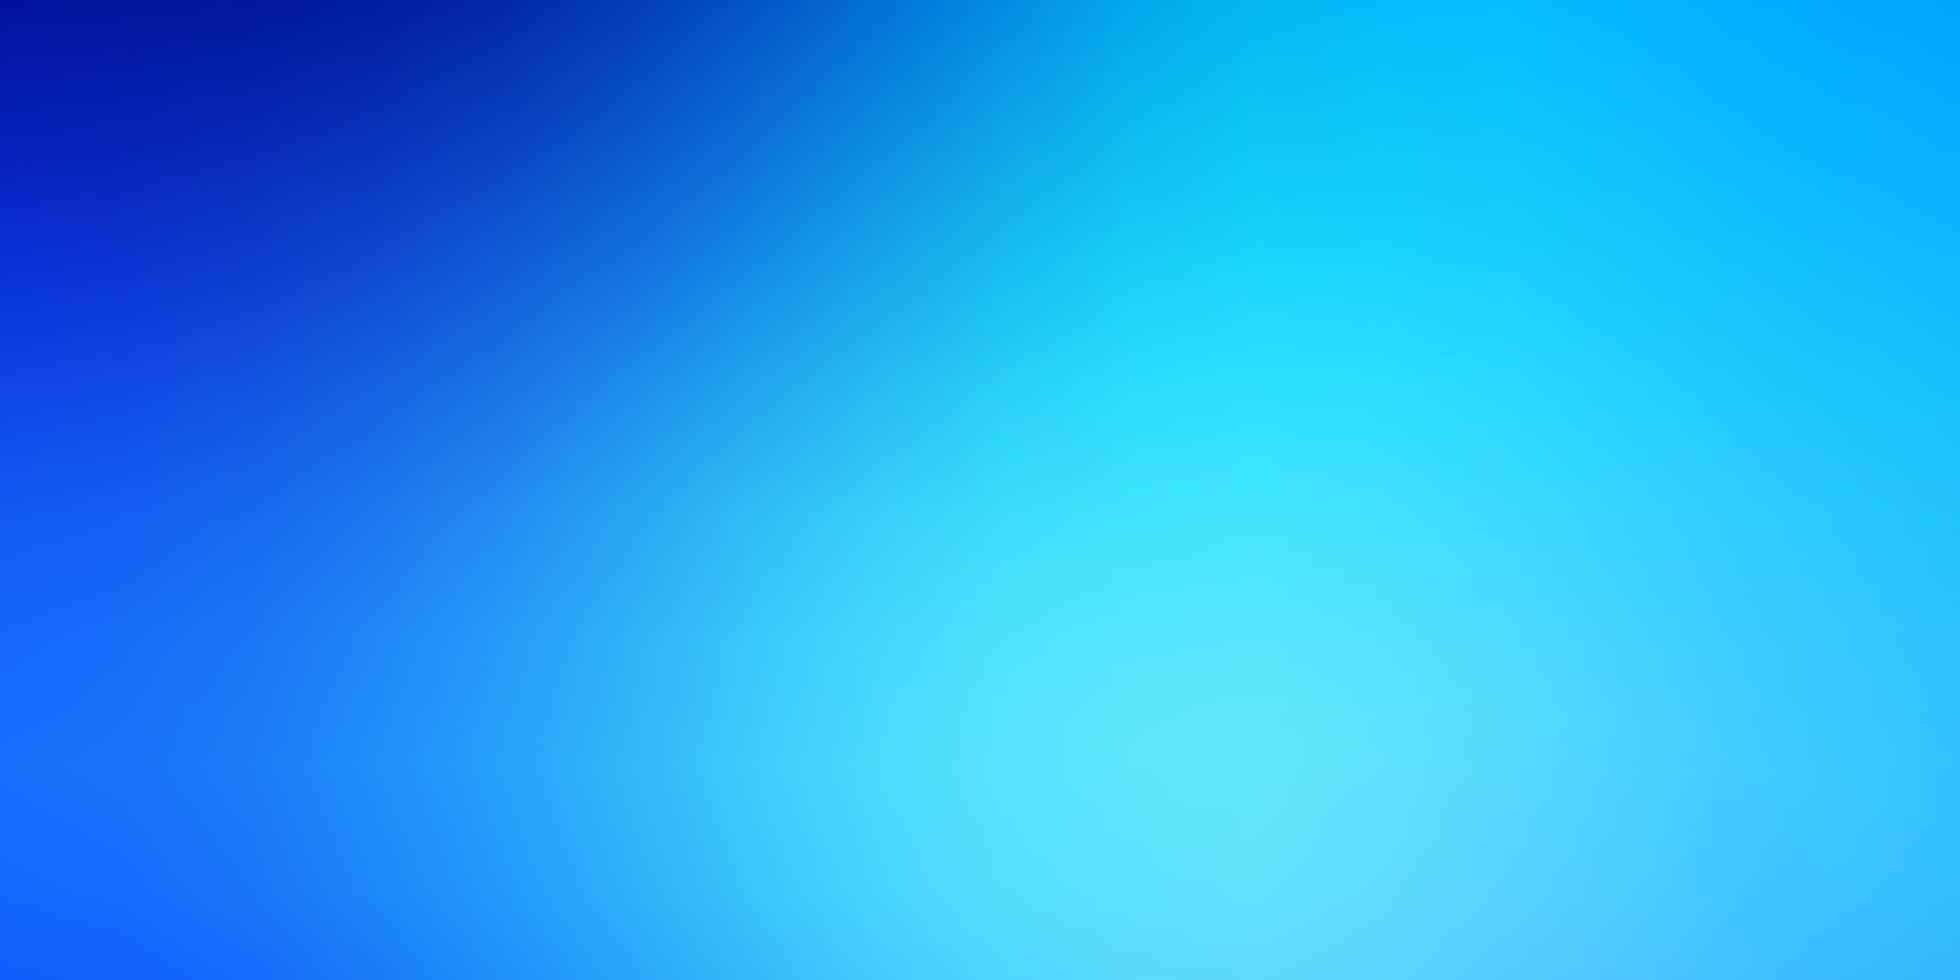 pano de fundo de borrão colorido azul claro. vetor